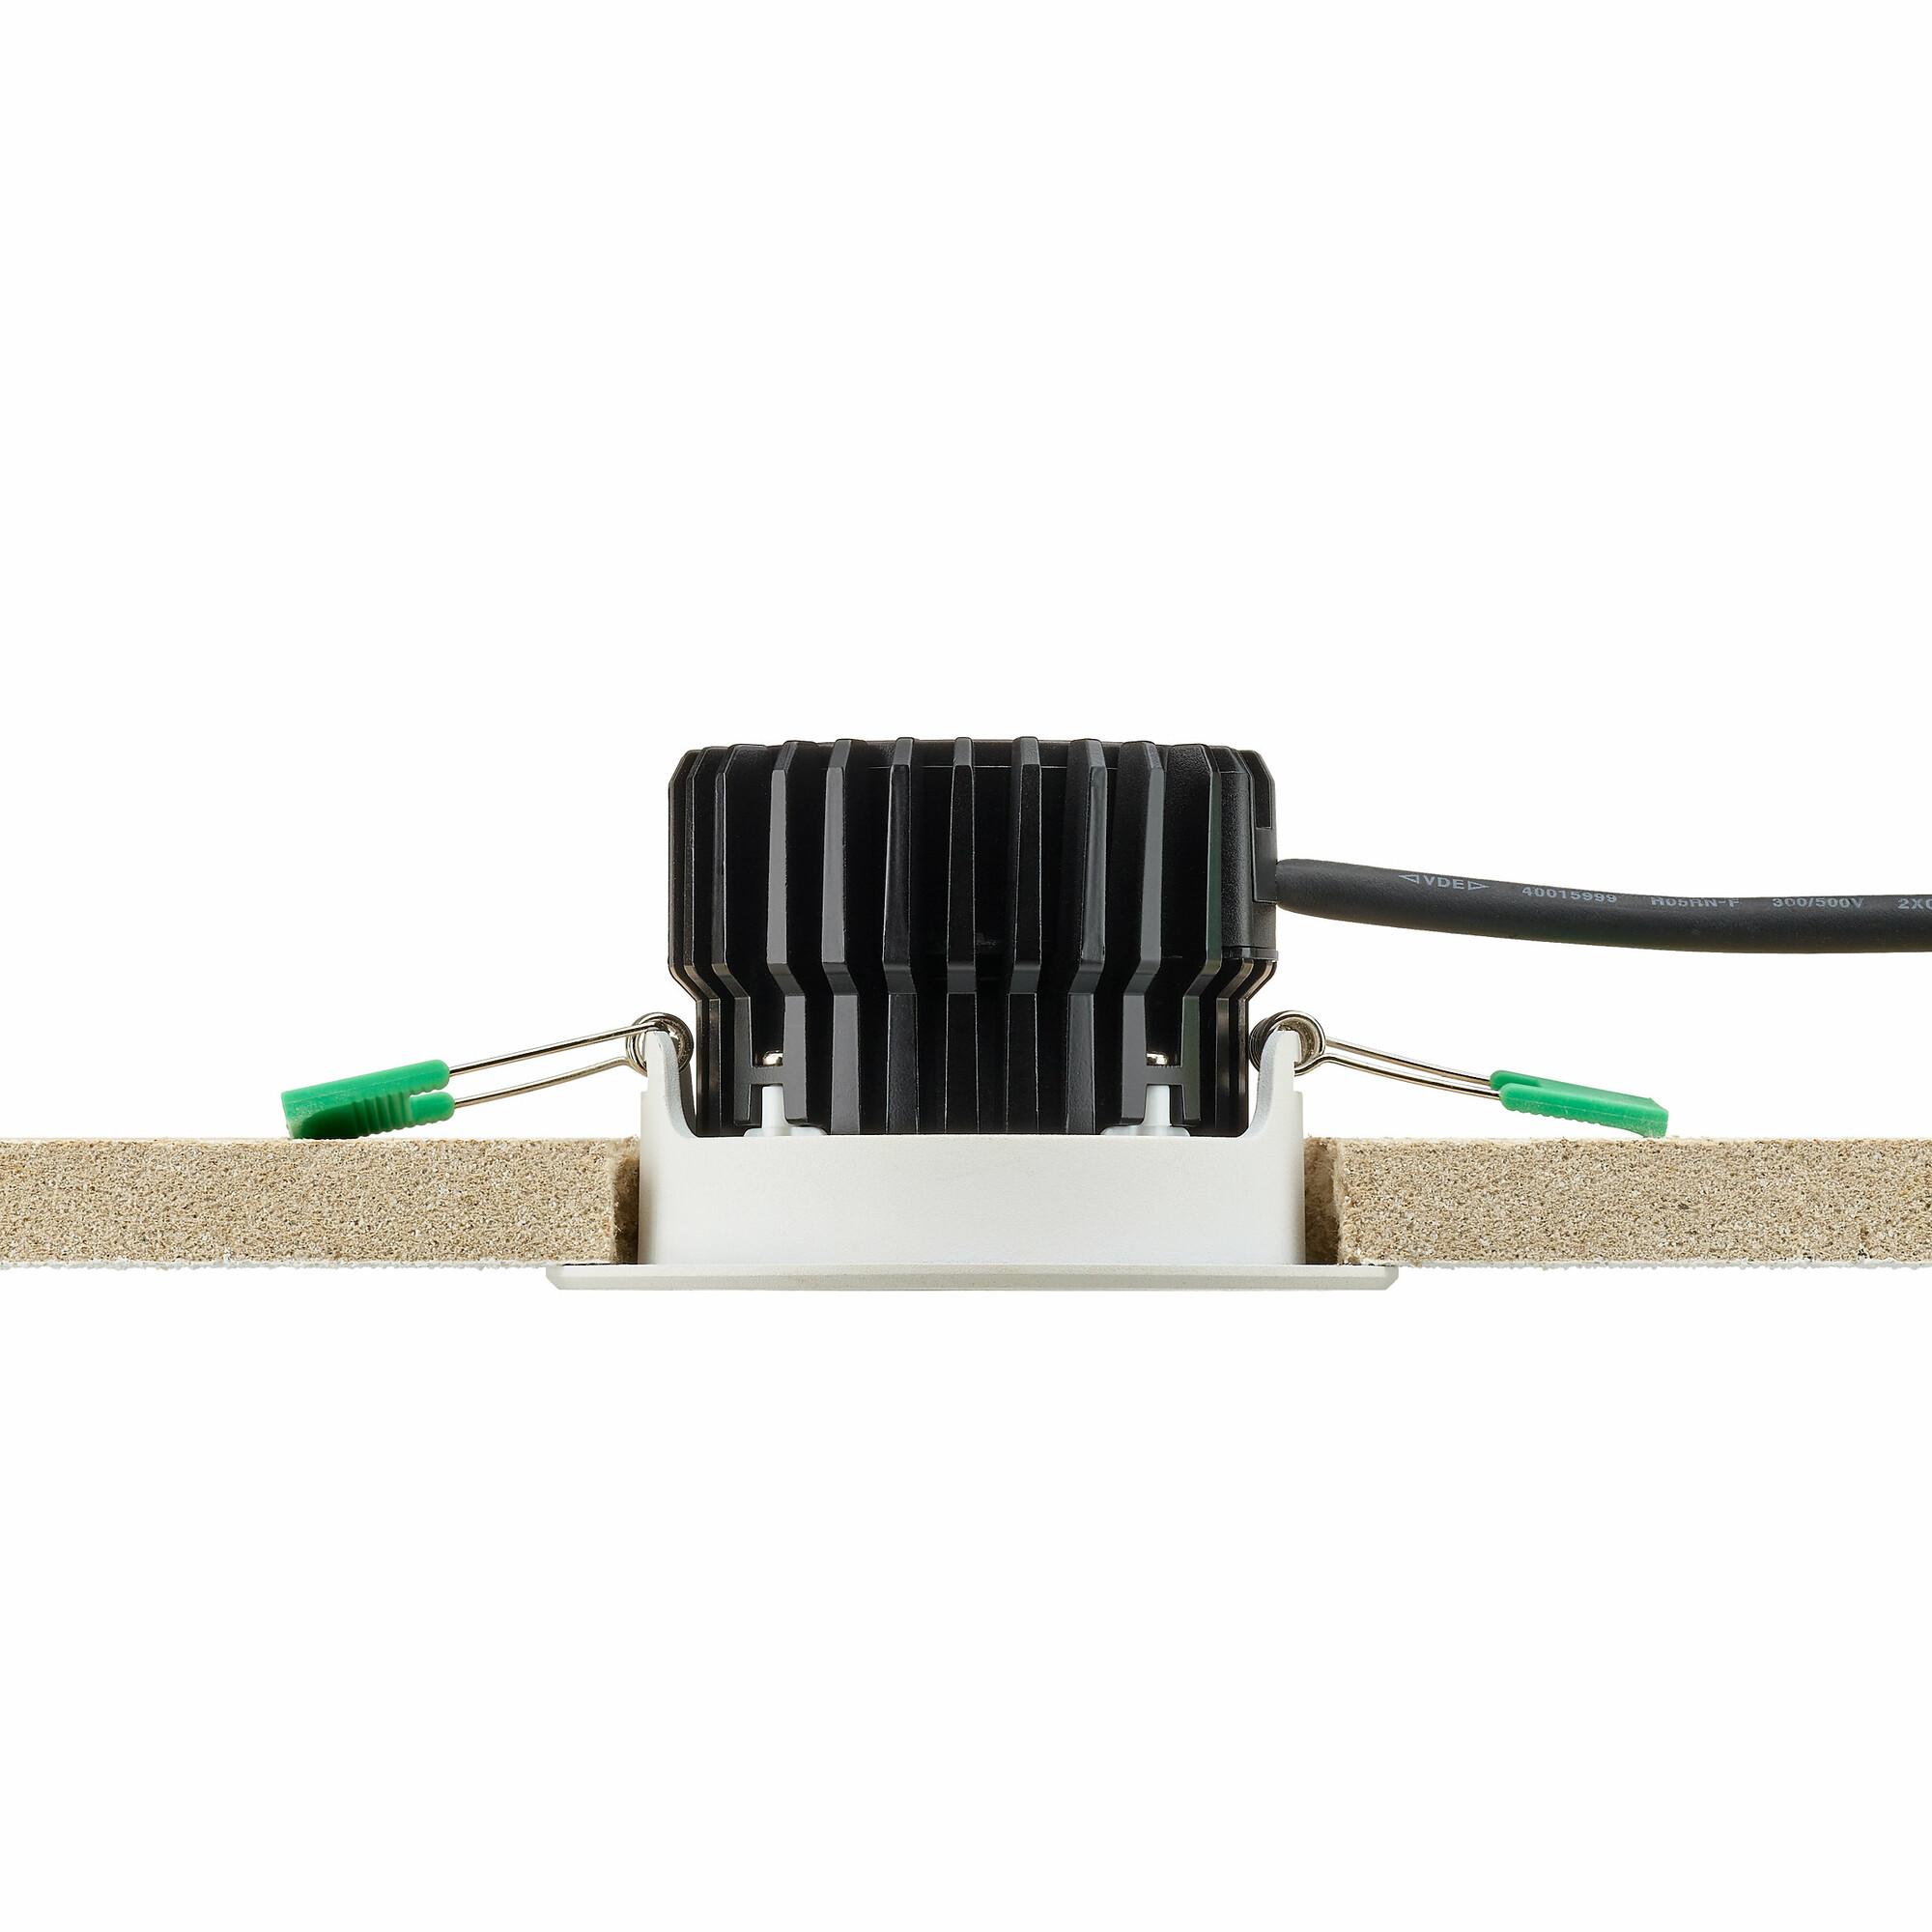 Philips CORELINE Inbouwspot LED 1x8W/650lm Rond Zilver